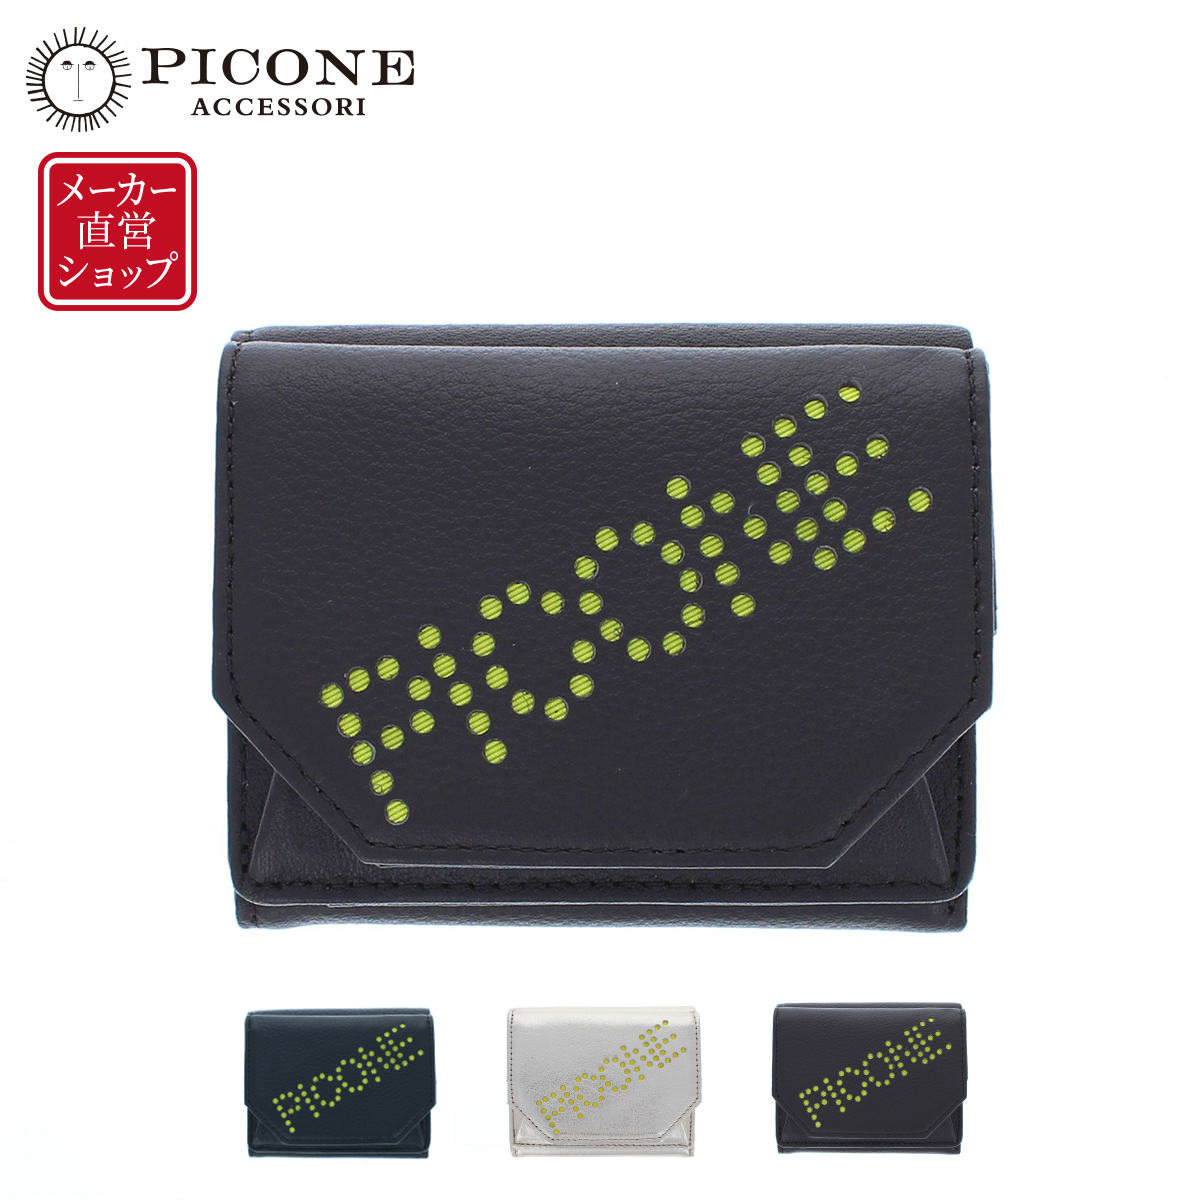 ピッコーネ 人気ブランド 財布 レディース 革サイフ PICONE パンチングレザー カード収納 三つ折 小銭入れ外側 大きな小銭入れ 使いやすい コンパクト